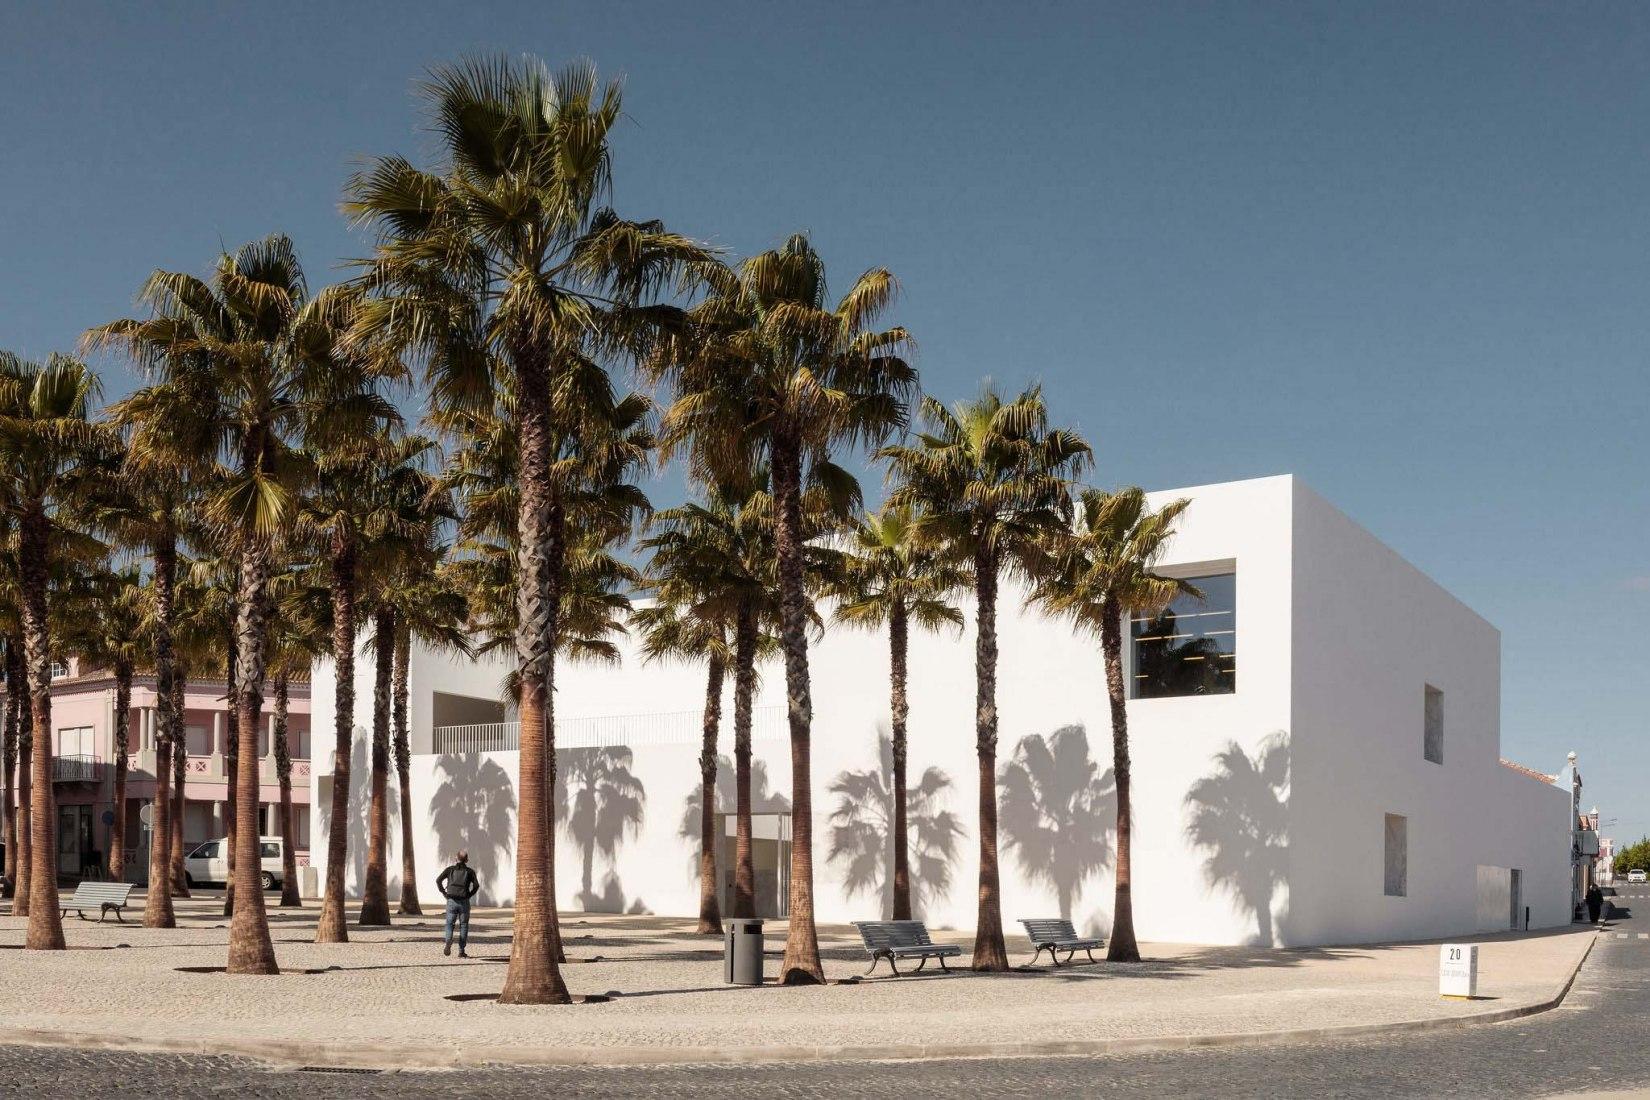 Biblioteca y archivo municipal de Grândola por Pedro Matos Gameiro y Pedro Domingos. Fotografía por Francisco Nogueira.